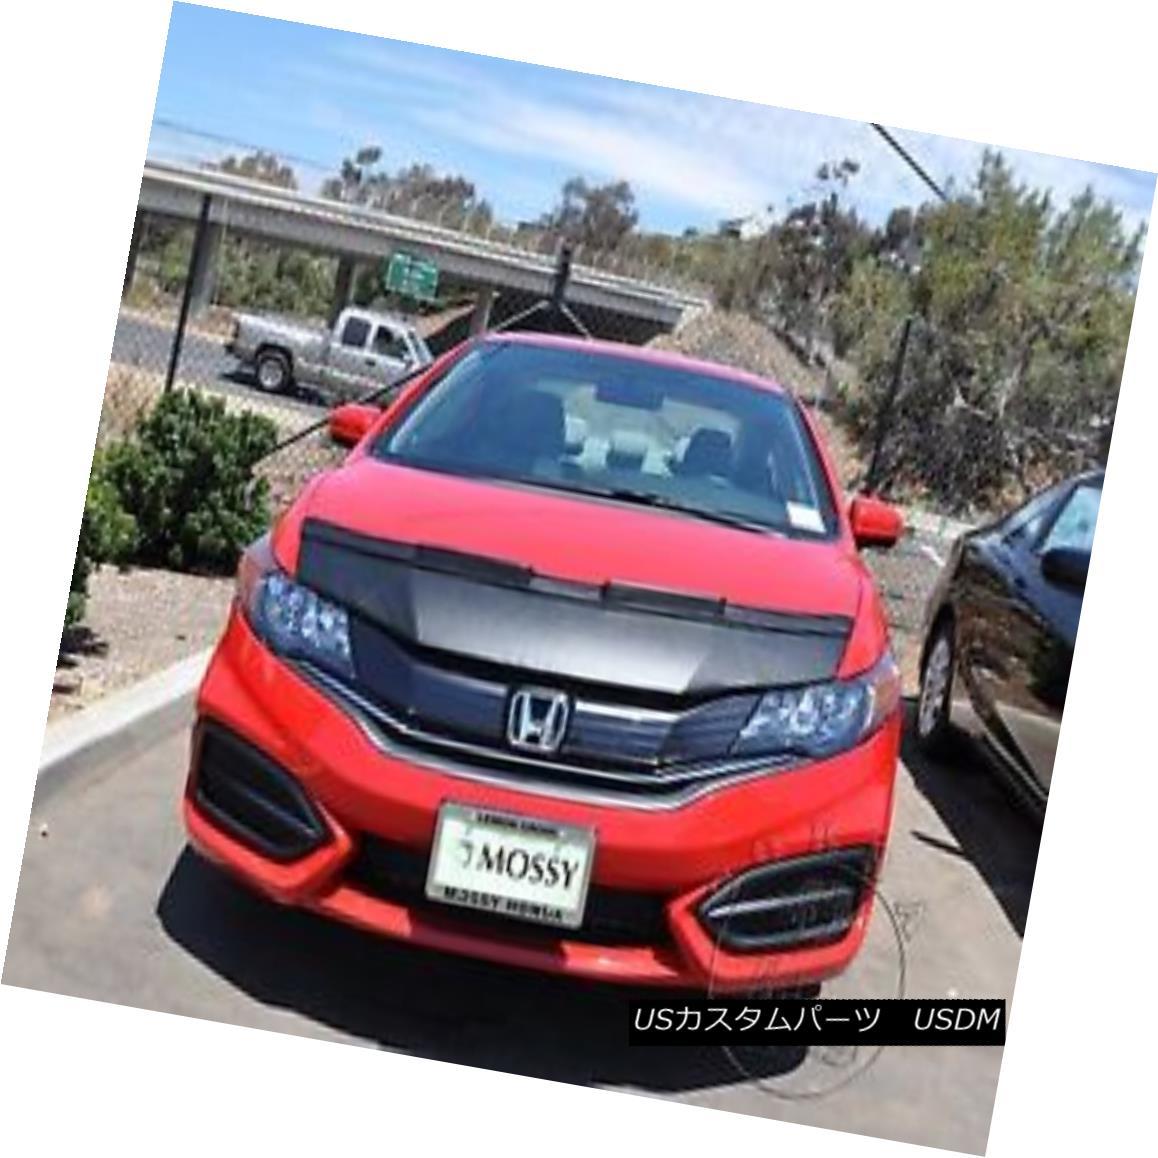 フルブラ ノーズブラ Car Hood Mask Bonnet Bra Fits Honda Civic Coupe 2014 2015 ホンダシビッククーペ2014 2015にフィットする車のフードマスクボンネットブラジャー